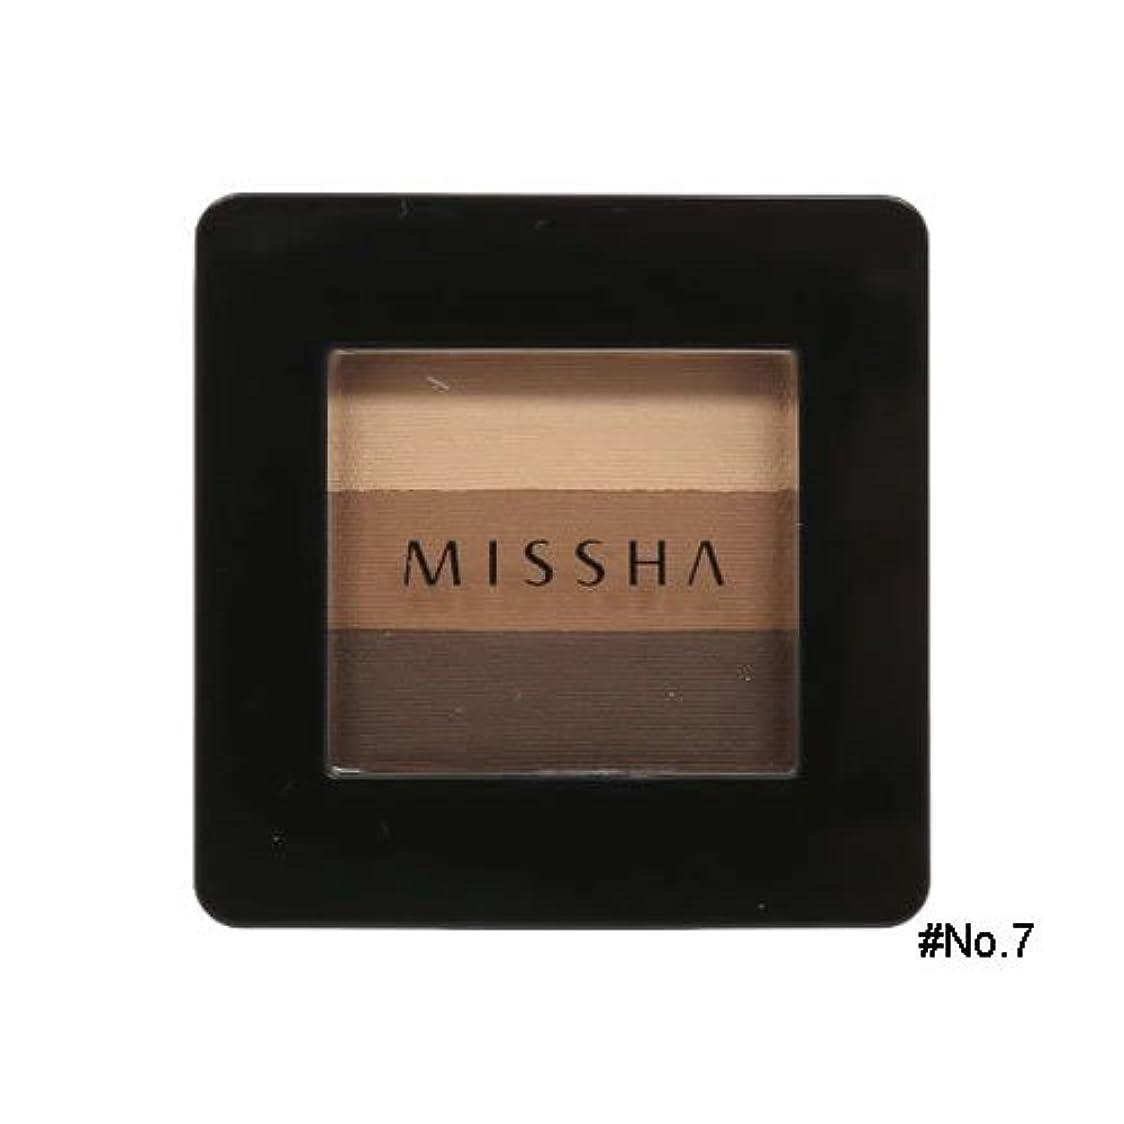 チャップバンク食事ミシャ(MISSHA) トリプルシャドウ 2g No.7(サンドウェーブ) [並行輸入品]